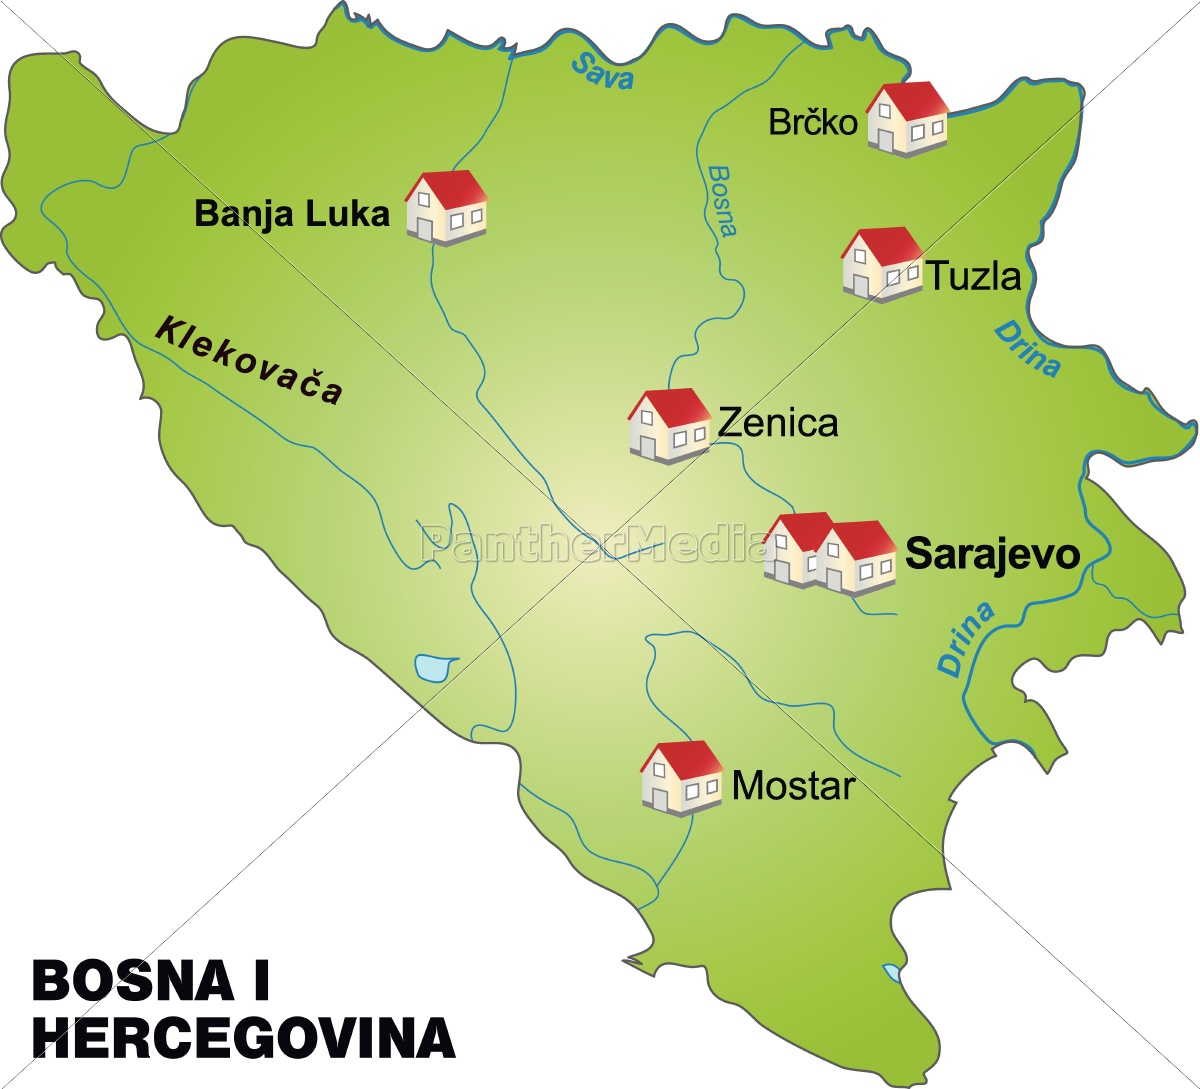 bosnien karte karte von bosnien herzegowina als infografik in grün